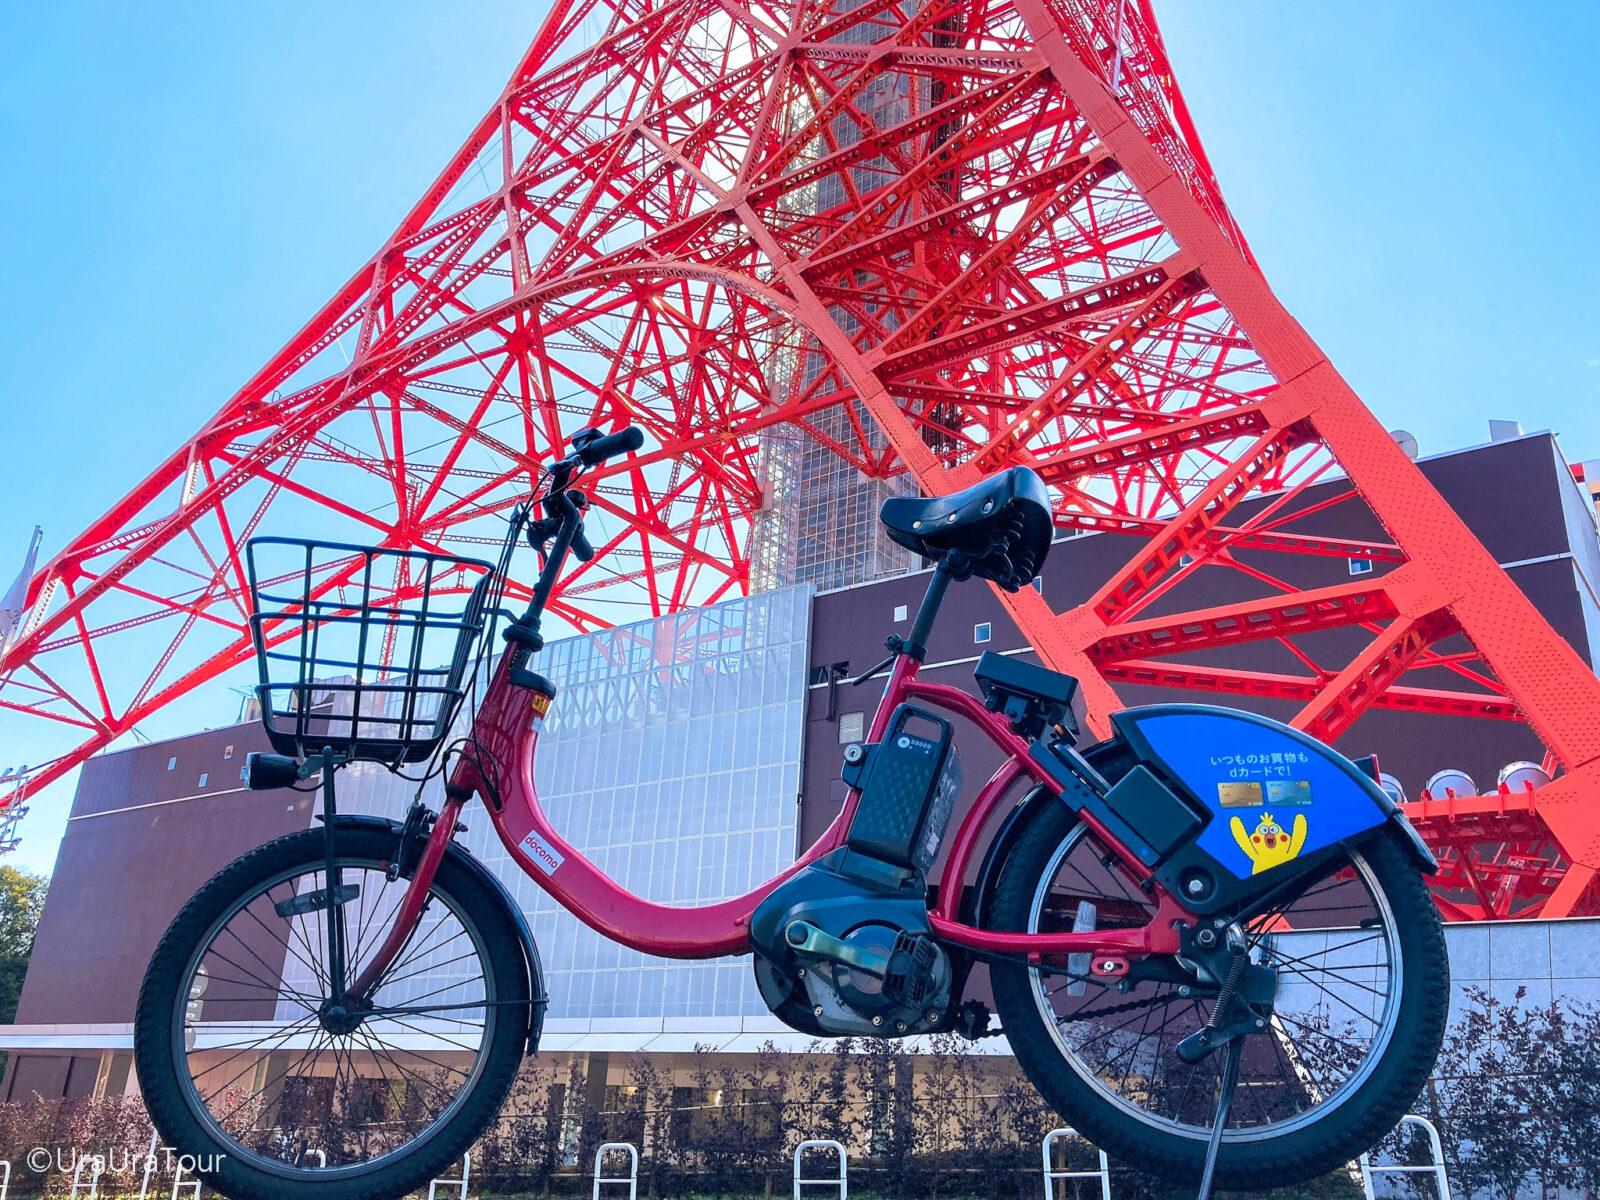 電動自転車de楽チン☆港区さかみちサイクリング♪~アイドル坂道シリーズや東京タワーも~【東京サイクルトリップ】